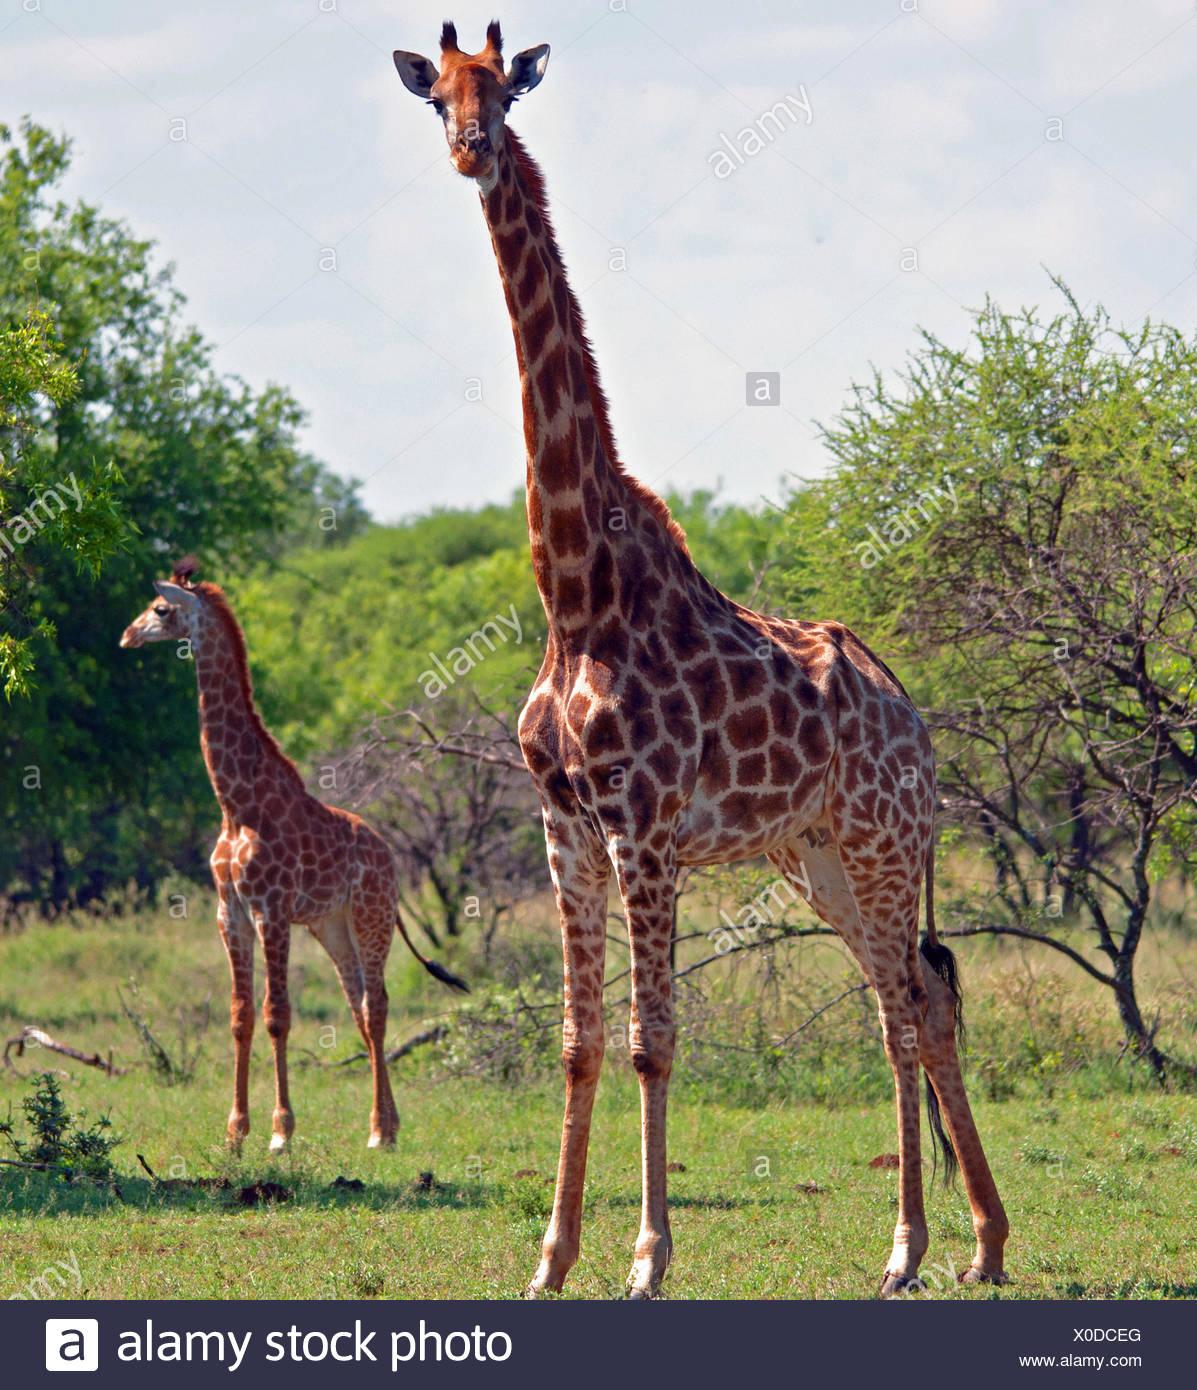 Giraffe vaca con su ternero, Sudáfrica Imagen De Stock